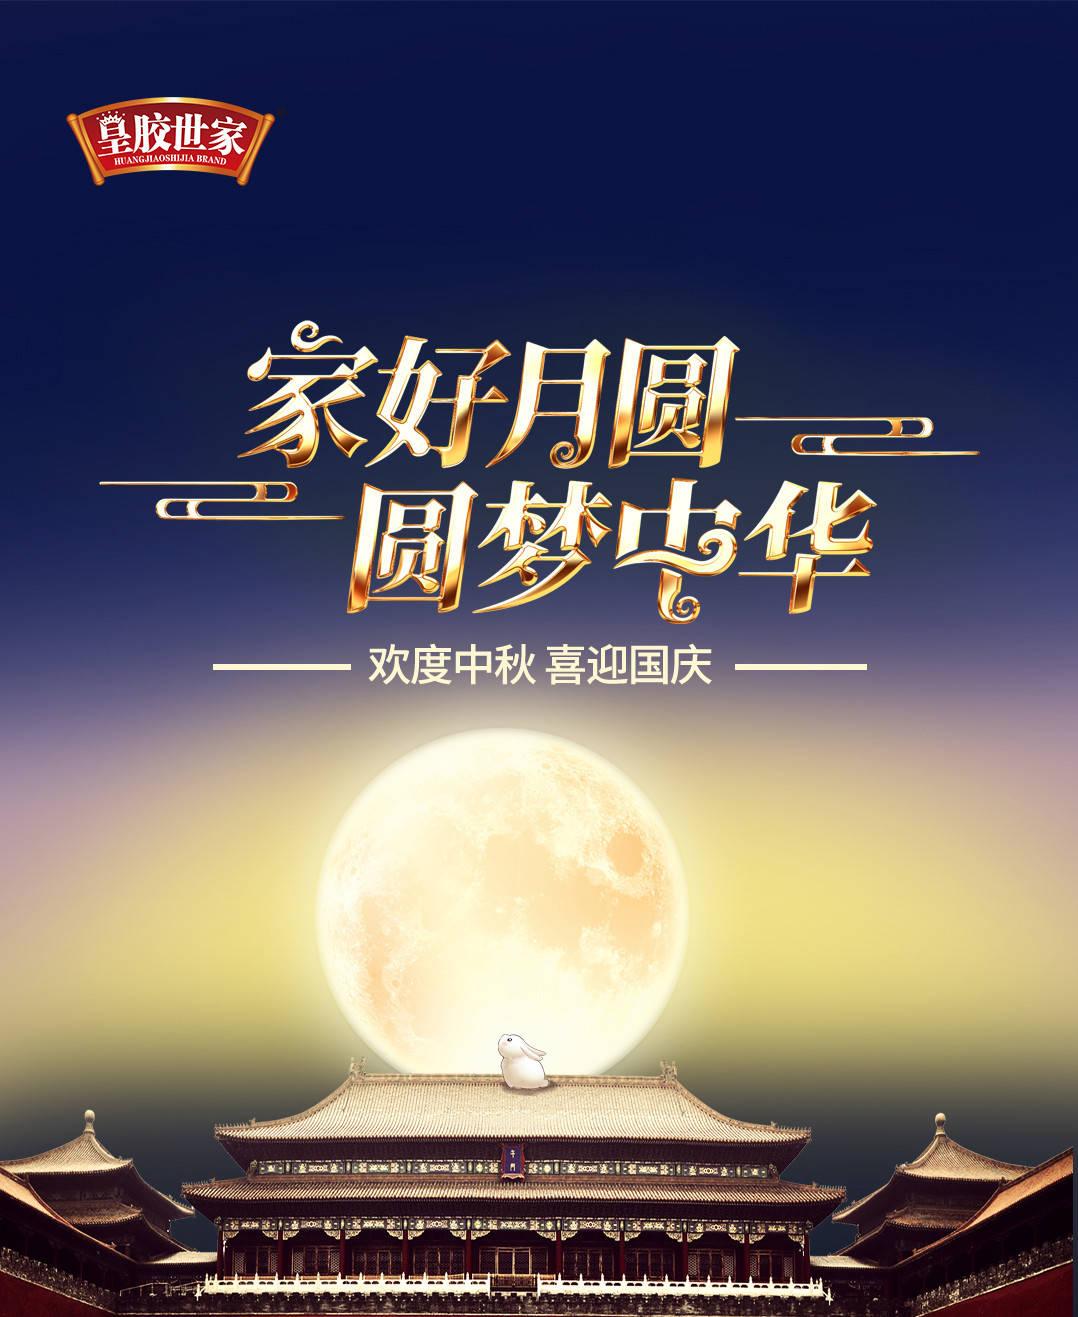 中秋节国庆节